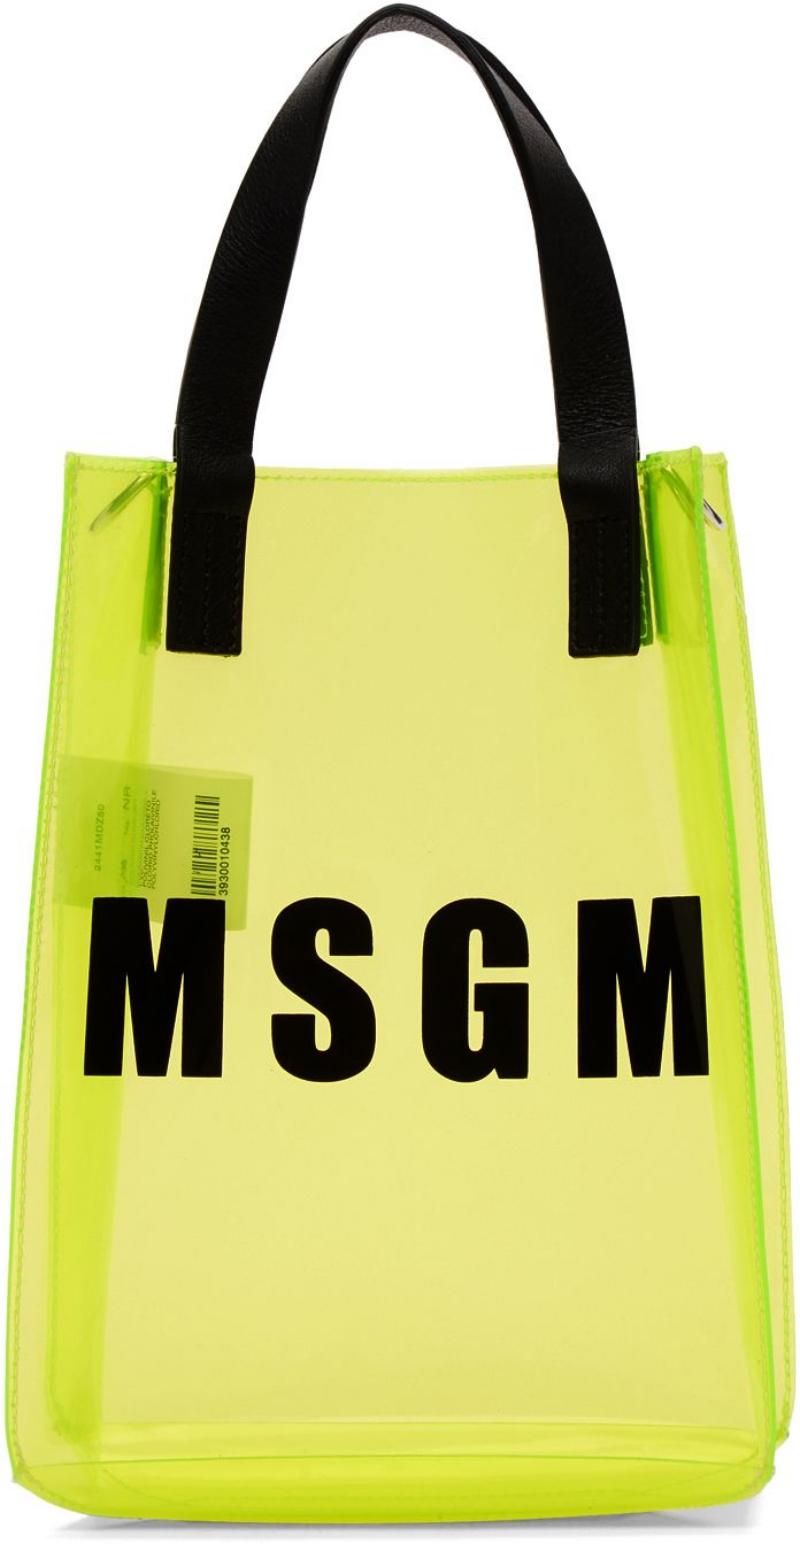 MSGM với mẫu túi trong suốt trên tông màu neon vô cùng bắt mắt.